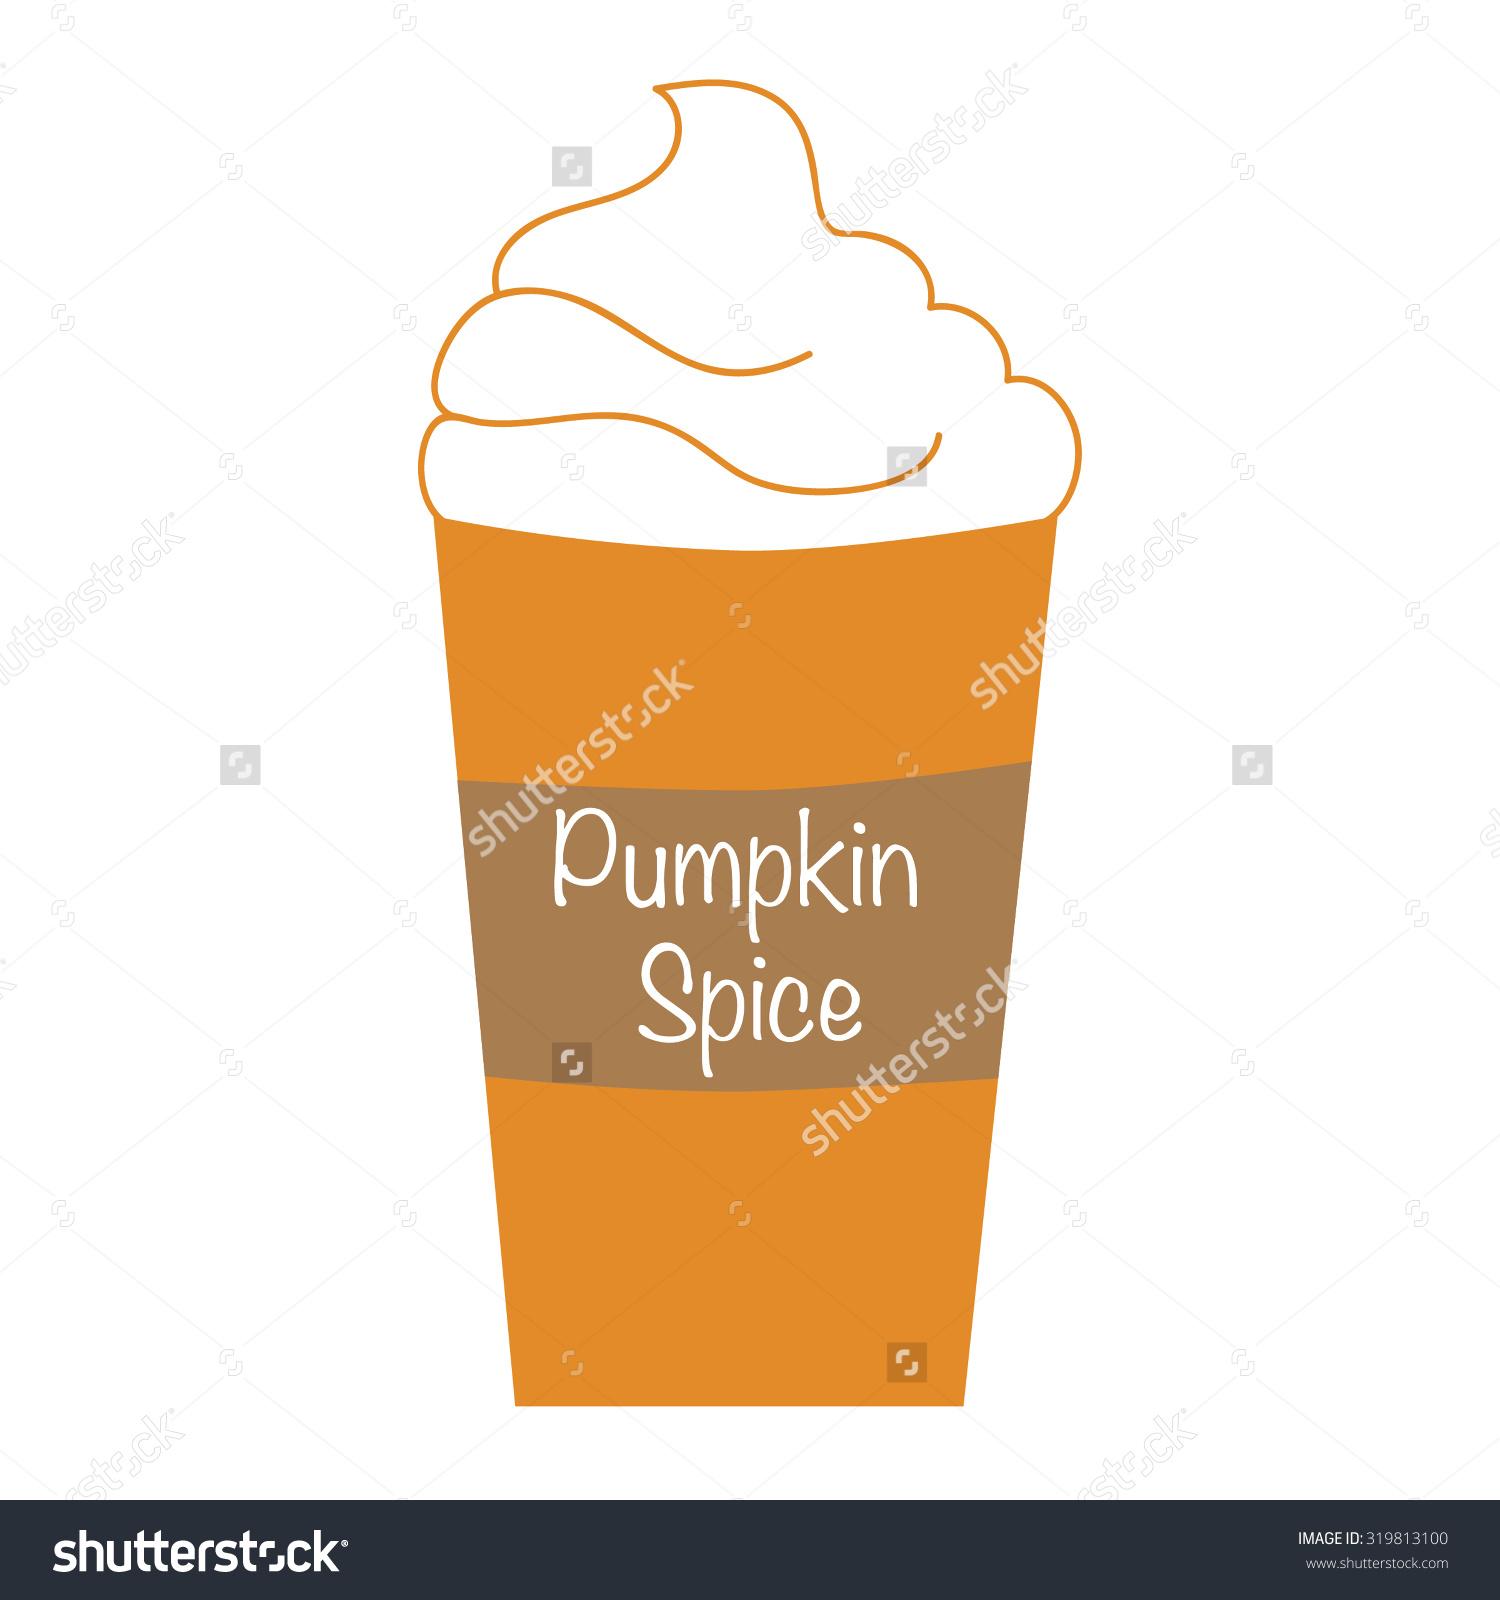 Pumpkin latte clipart.